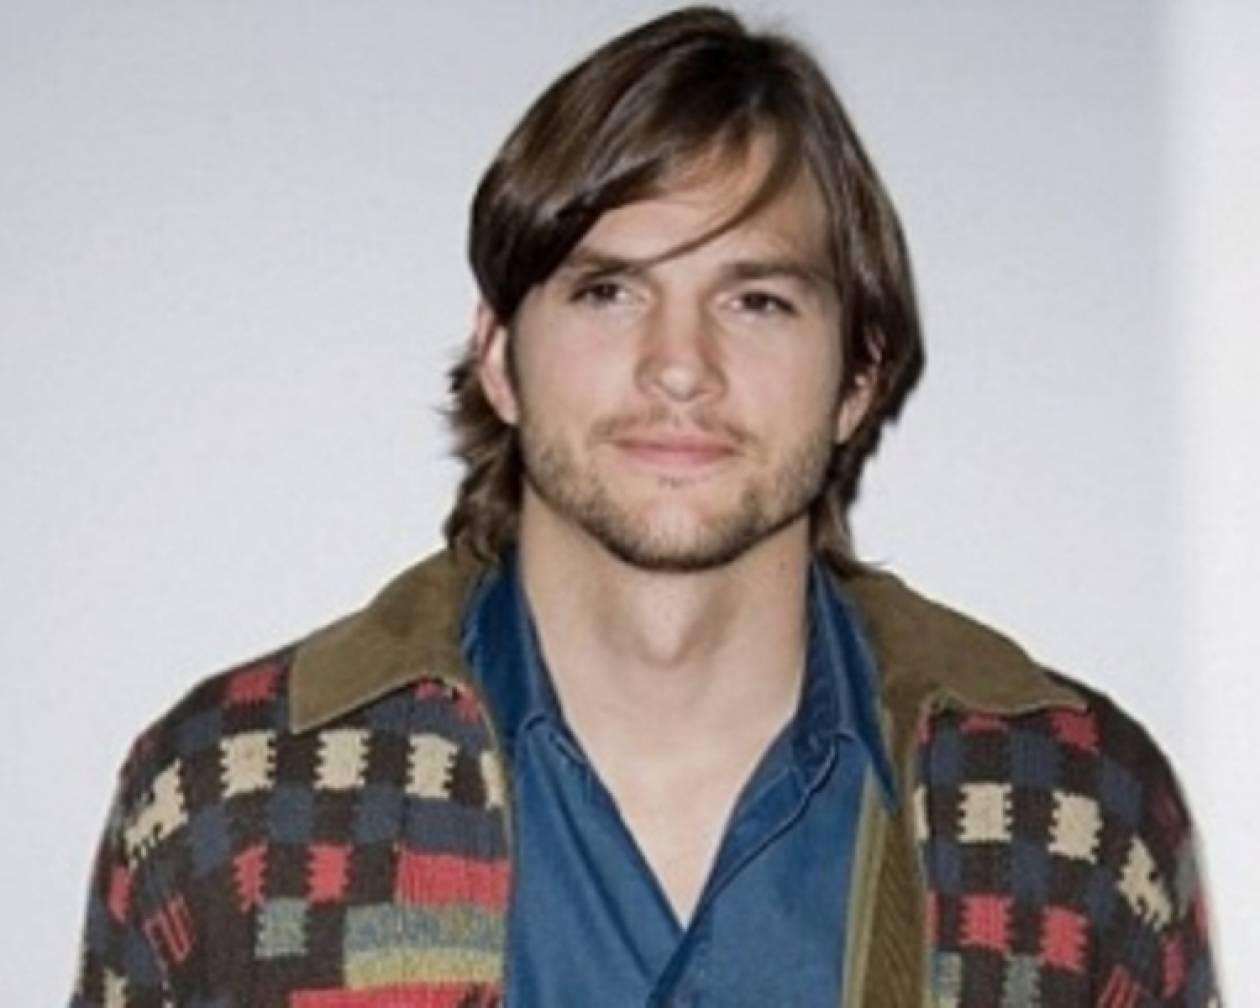 Γιατί παρατάει το Twitter o Ashton Kutcher;